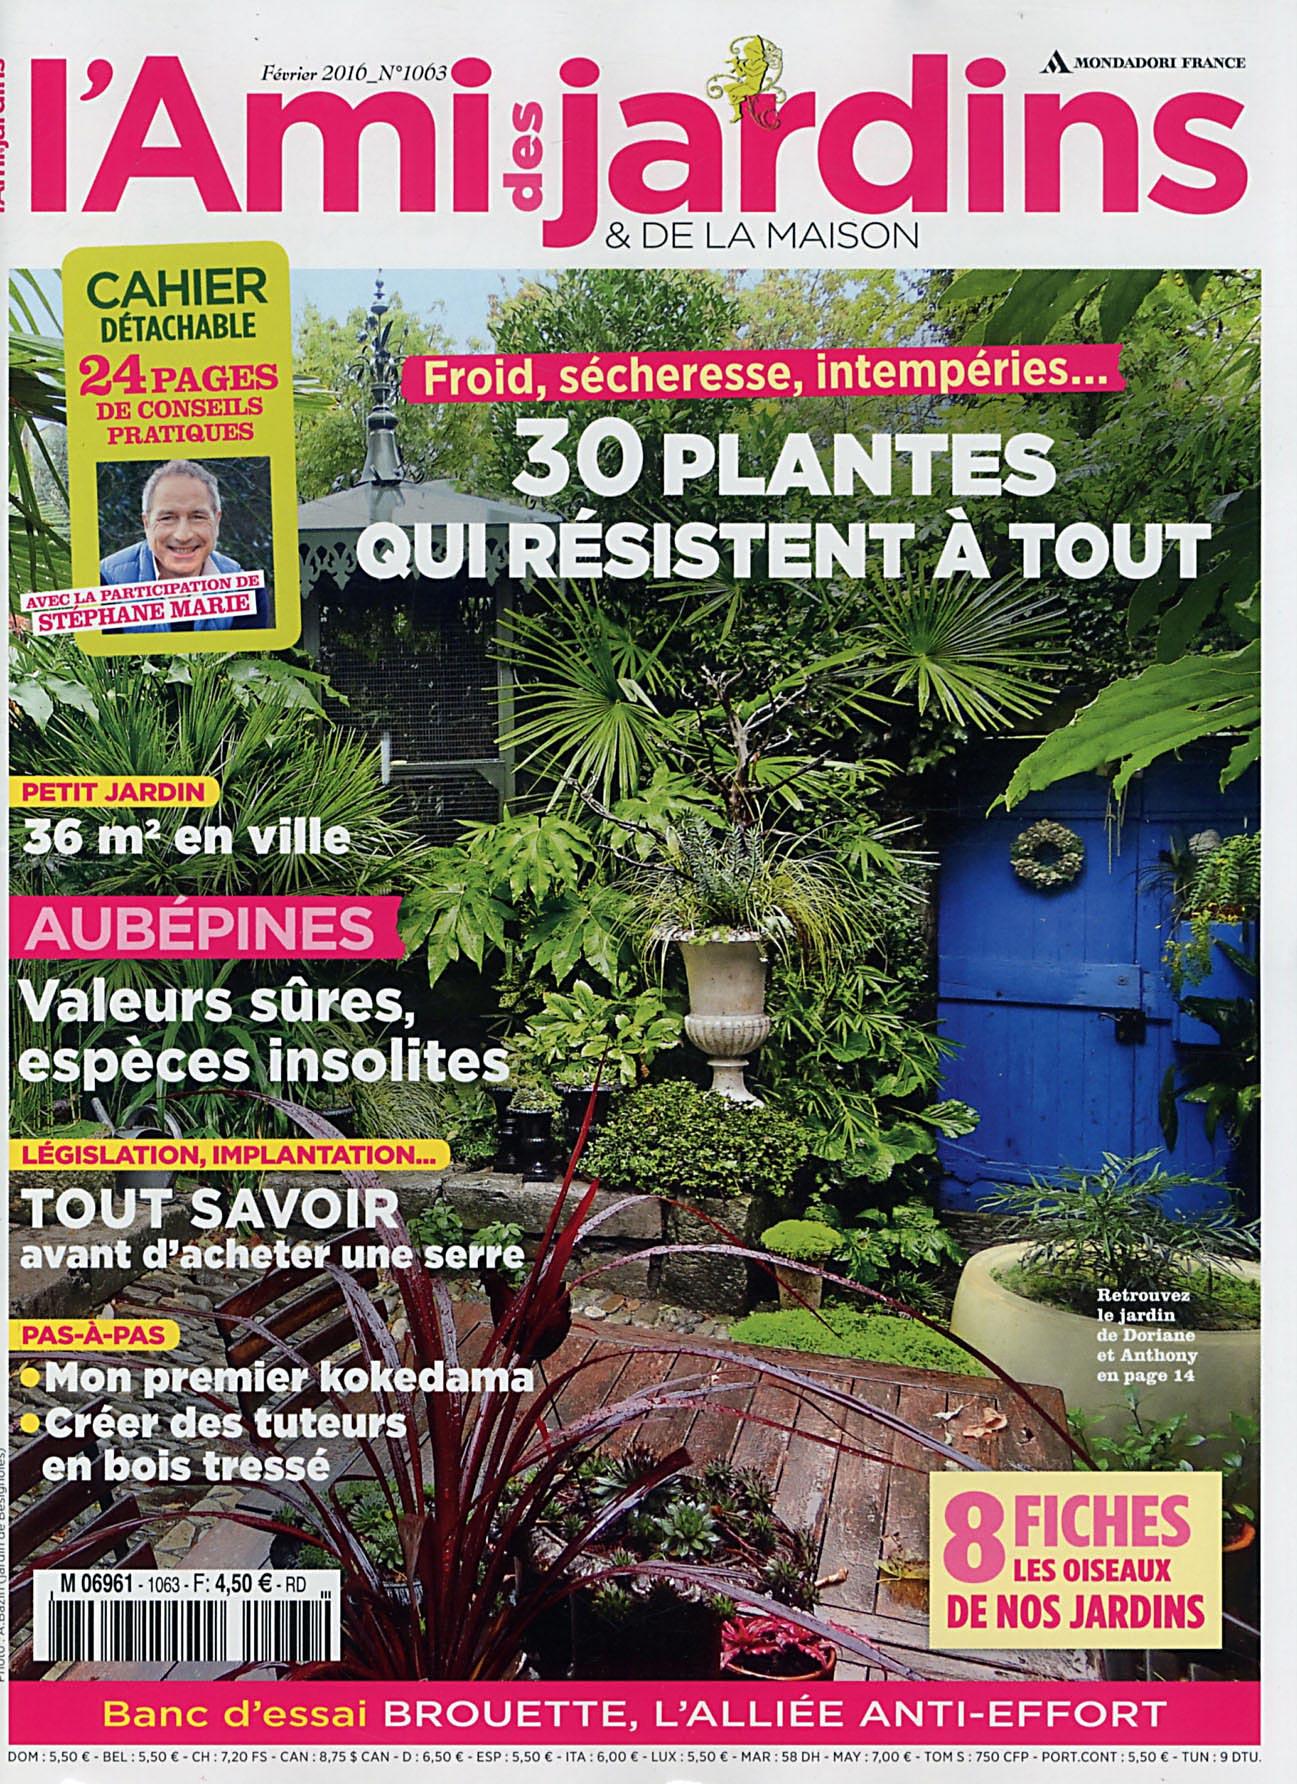 Direct-Éditeurs - * Le Service-Client Des Diffuseurs De Presse * concernant Ami Des Jardins Magazine